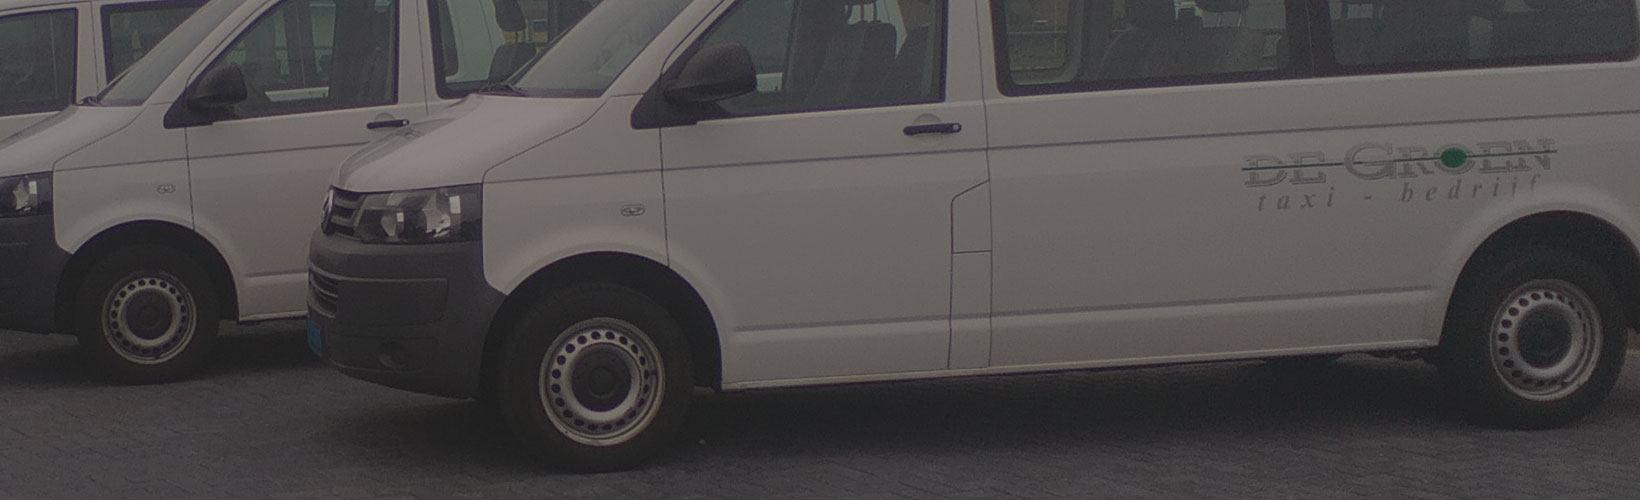 Bedrijfswagen-bestickering